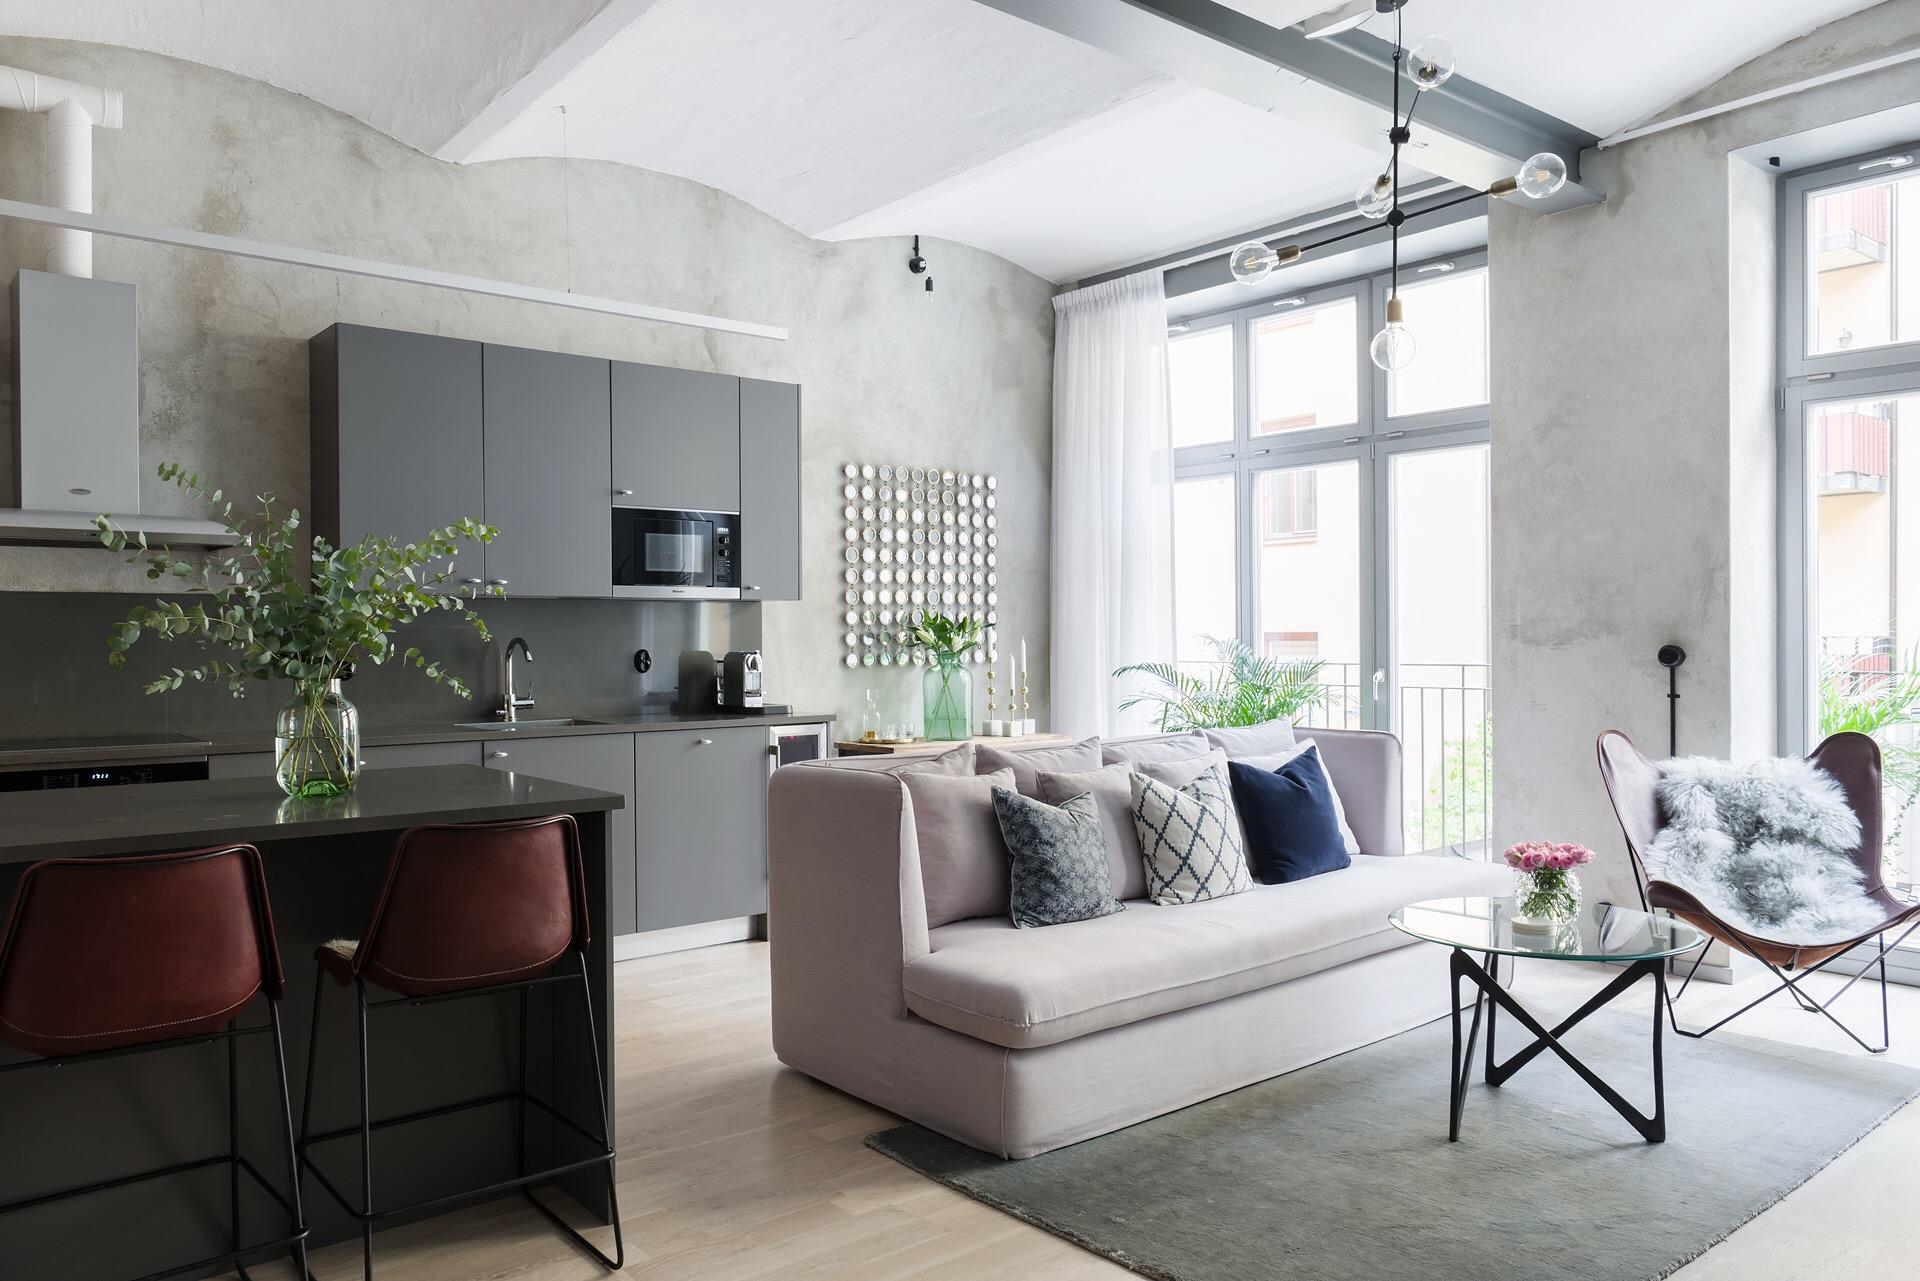 гостиная кухня бежевый диван кожаное кресло столик потолок своды серые кухонные фасады французские окна